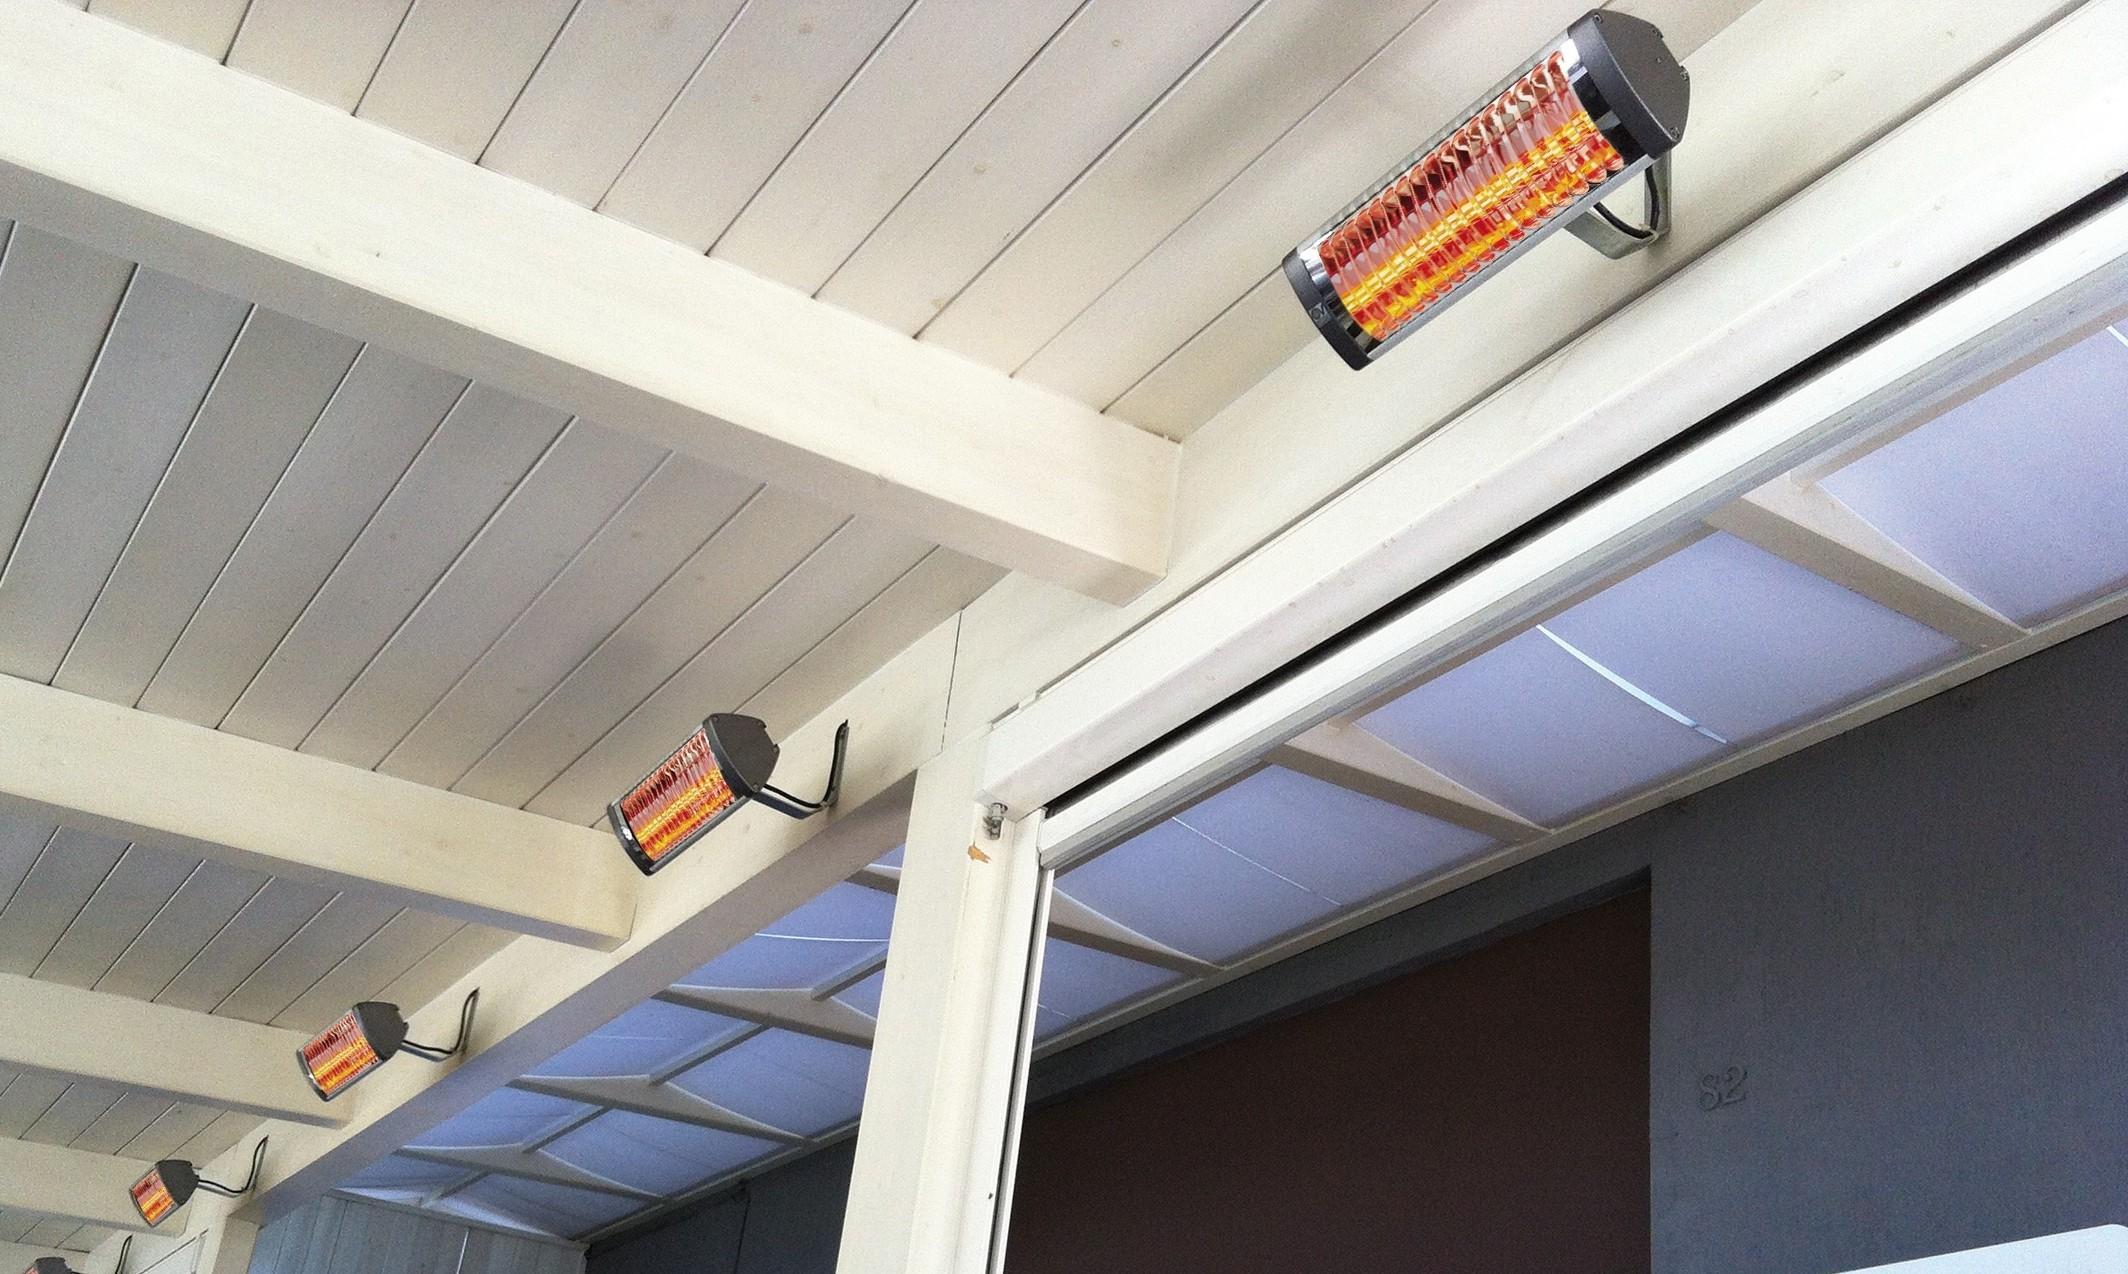 Lampada a infrarossi per esterno e interno elettro for Lampada infrarossi riscaldamento pulcini